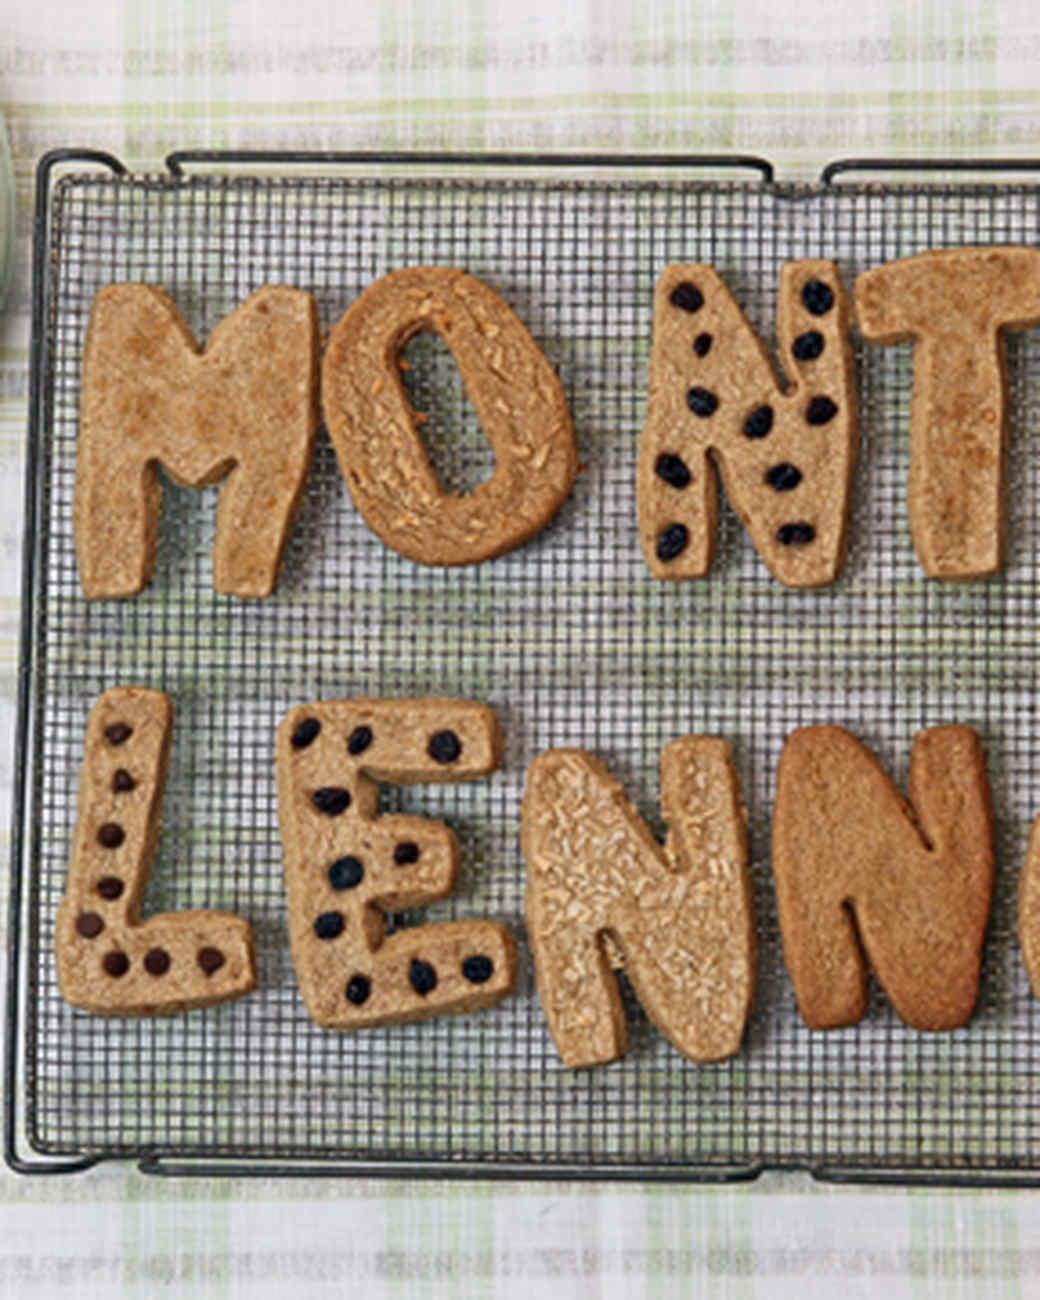 Rolled Maple Sugar Cookies